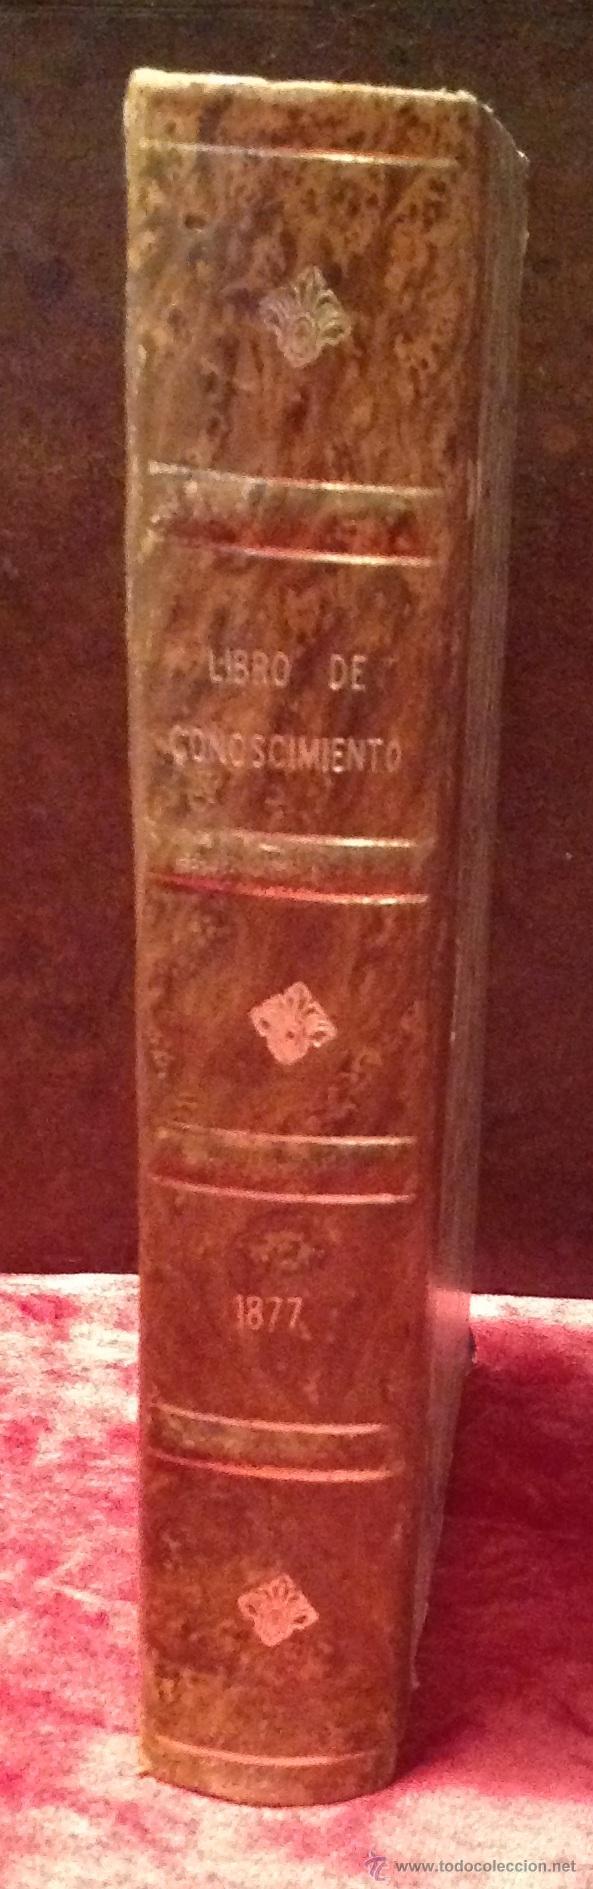 Libros antiguos: Jimenez de la Espada. Madrid 1877. Fortanet. Libro del conocimiento de todos los reinos mundo.Viajes - Foto 2 - 41096239